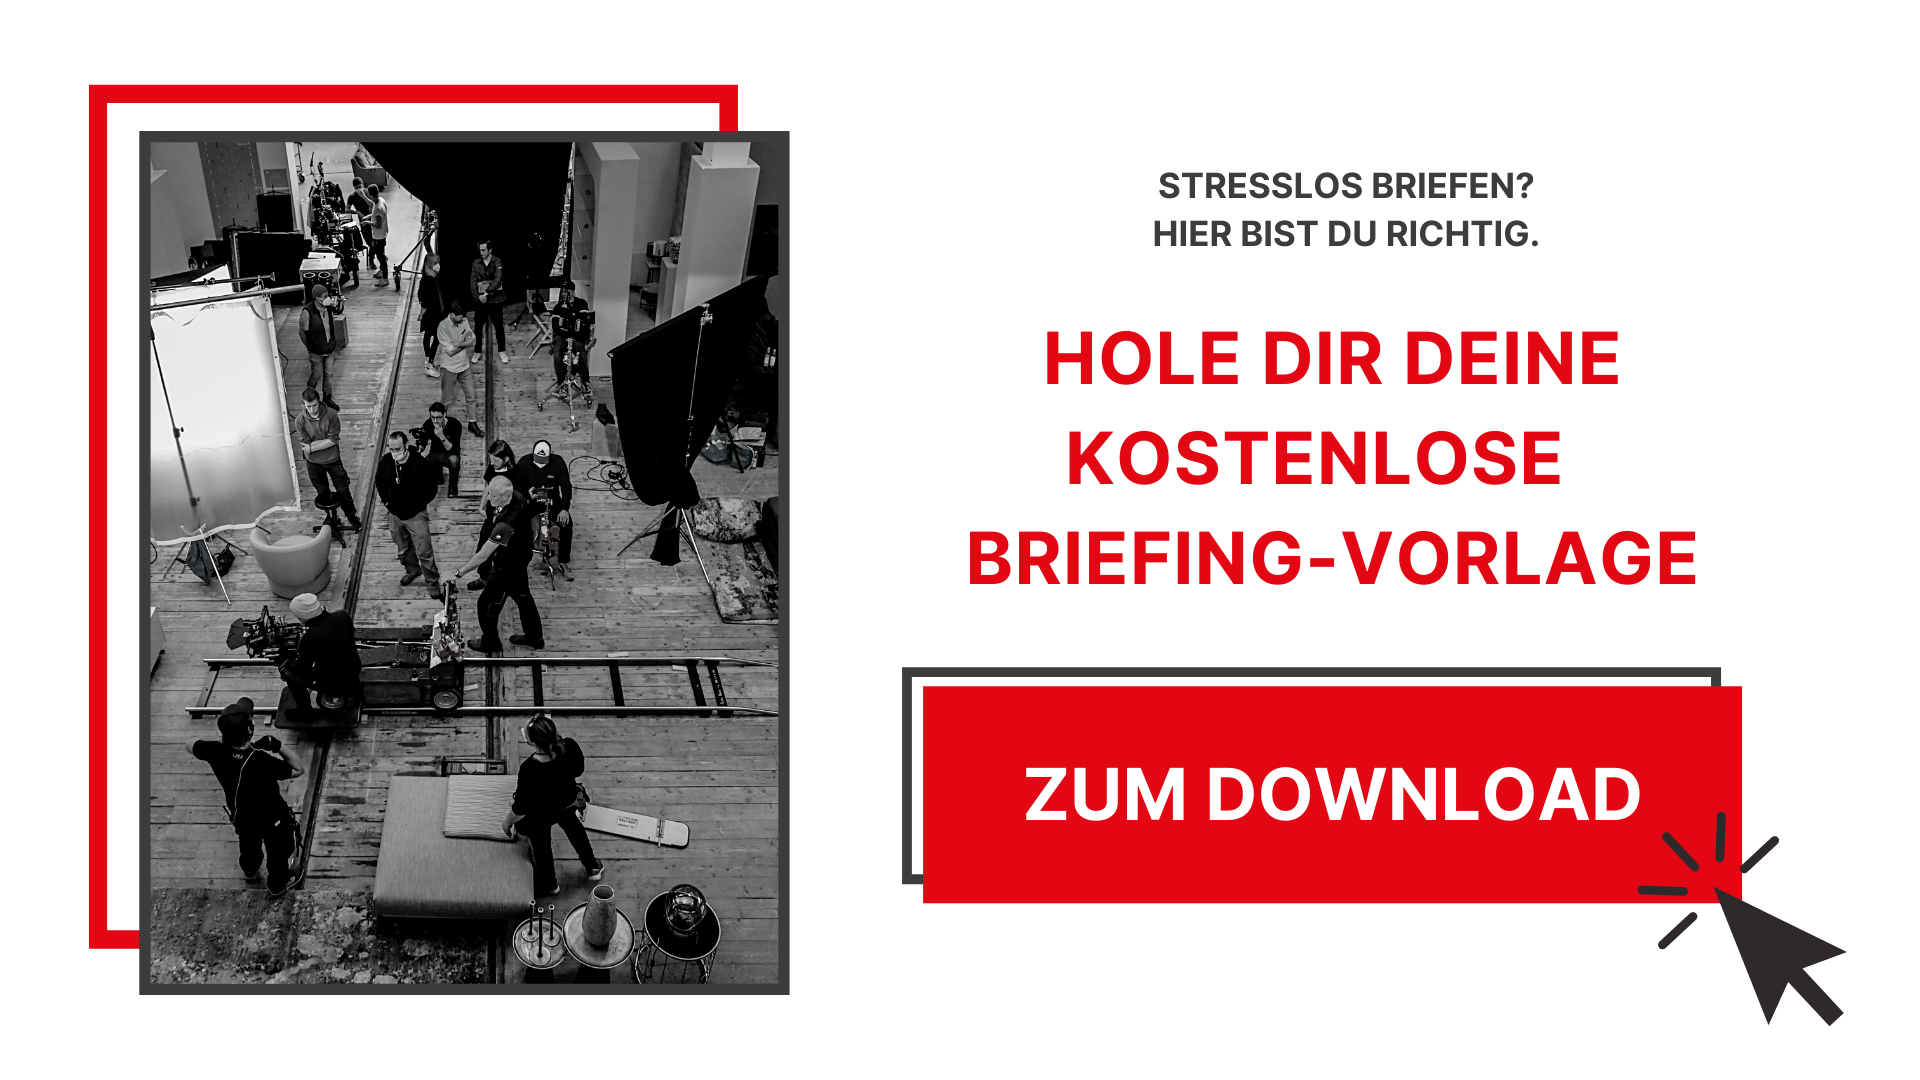 jetzt_gratis_briefing_vorlage_downloaden